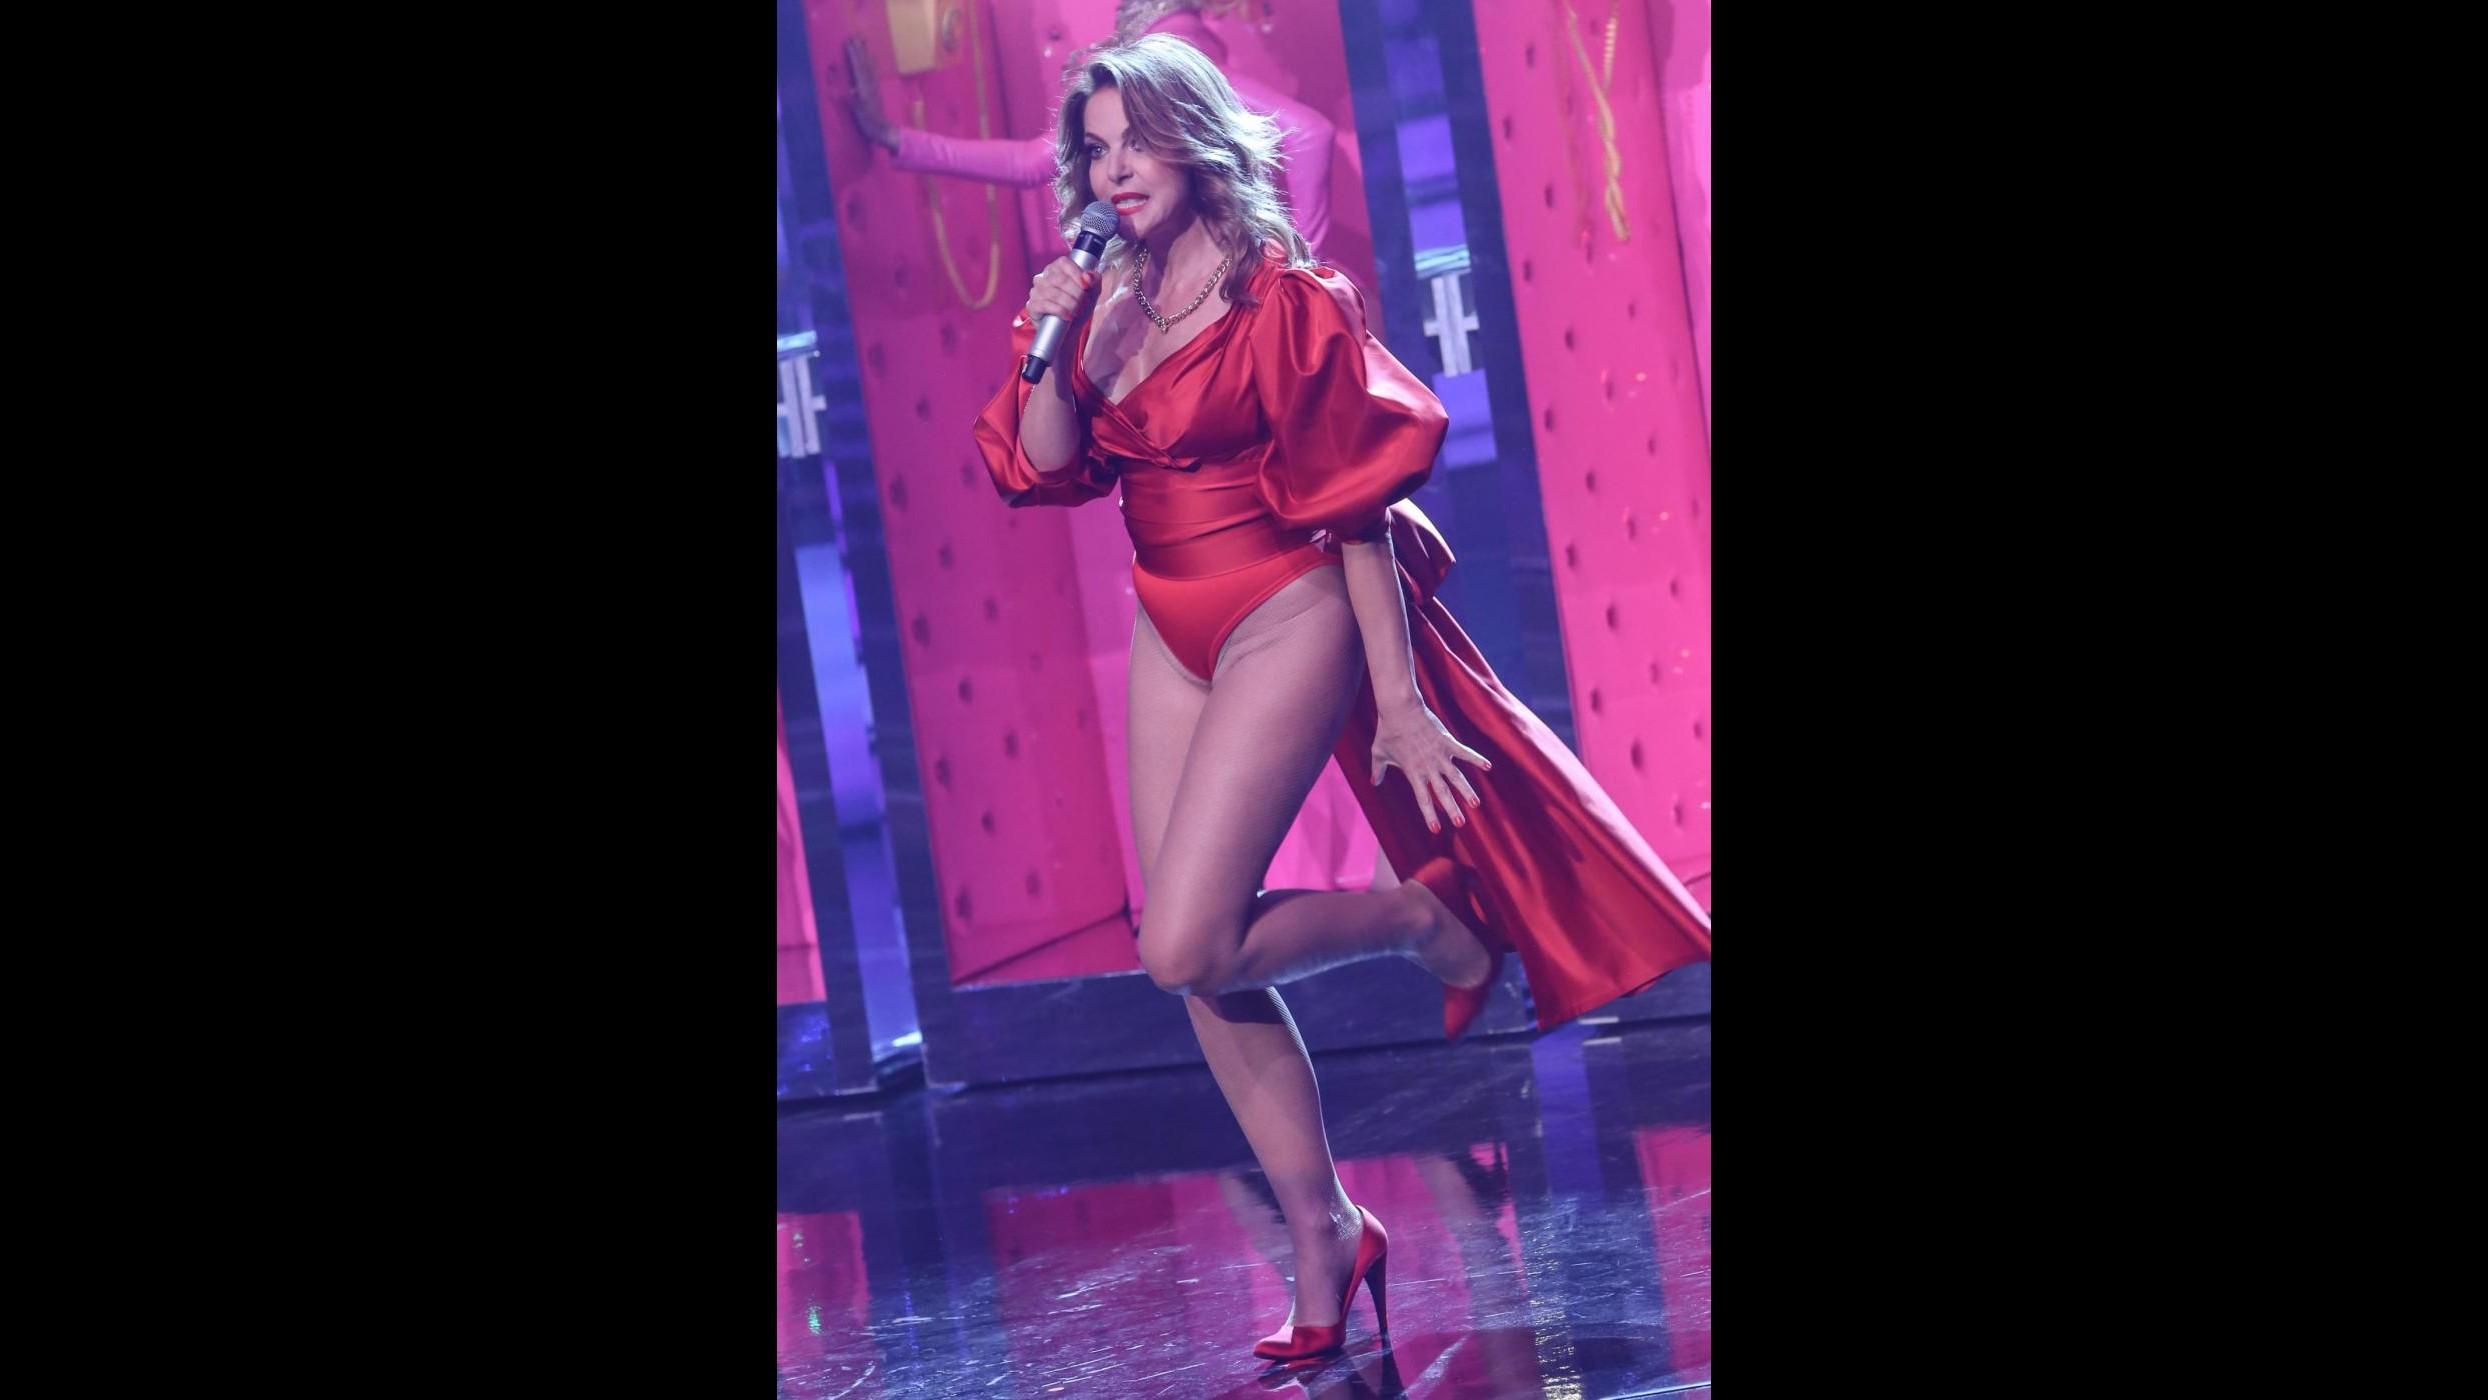 La prima puntata di Celebration: Serena Rossi conduce, canta e balla